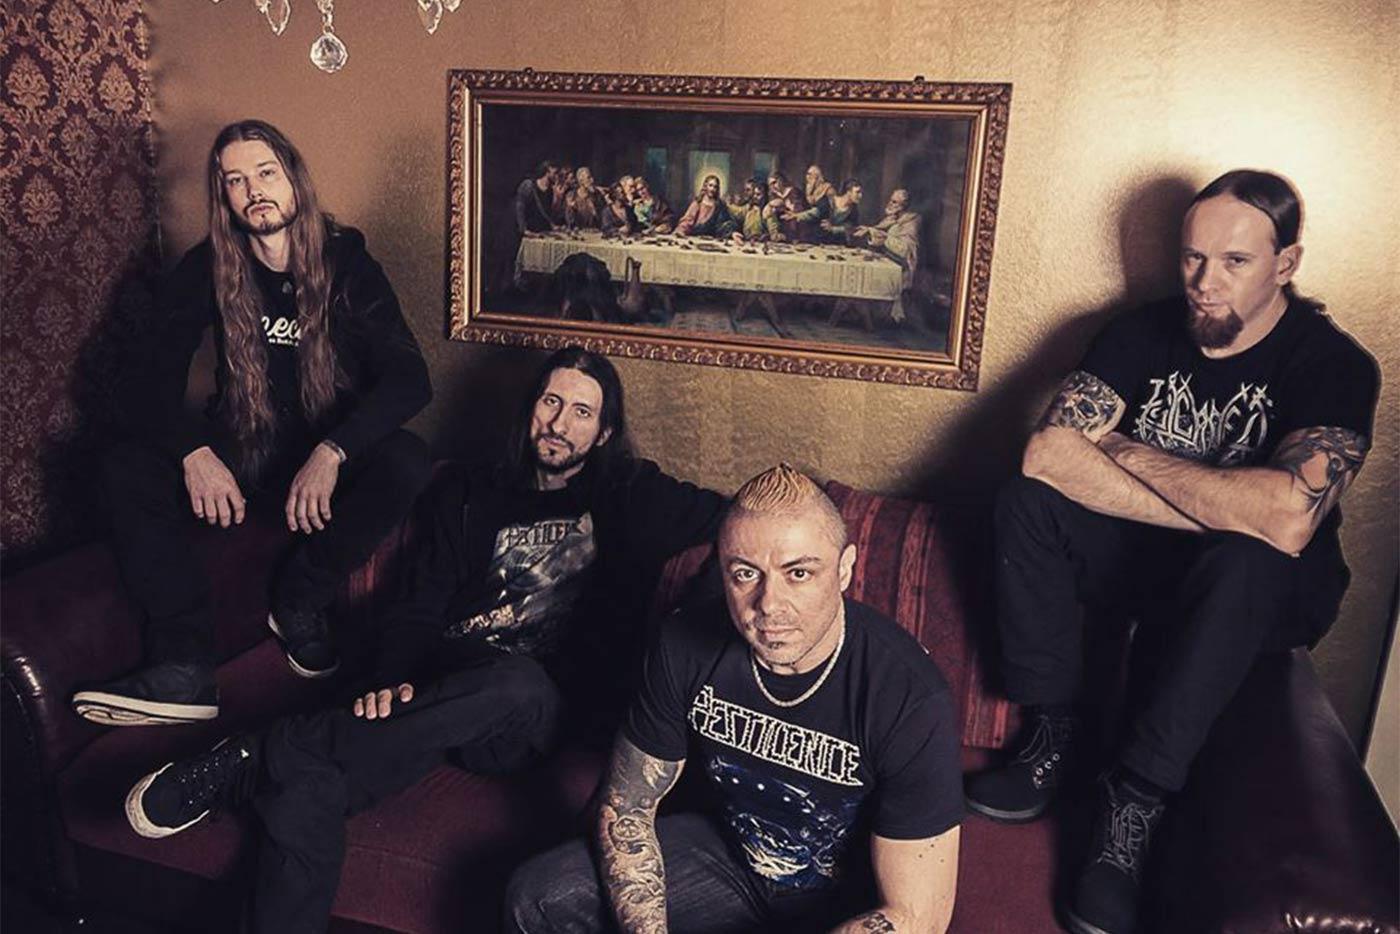 La gira de Pestilence pasará por Barcelona